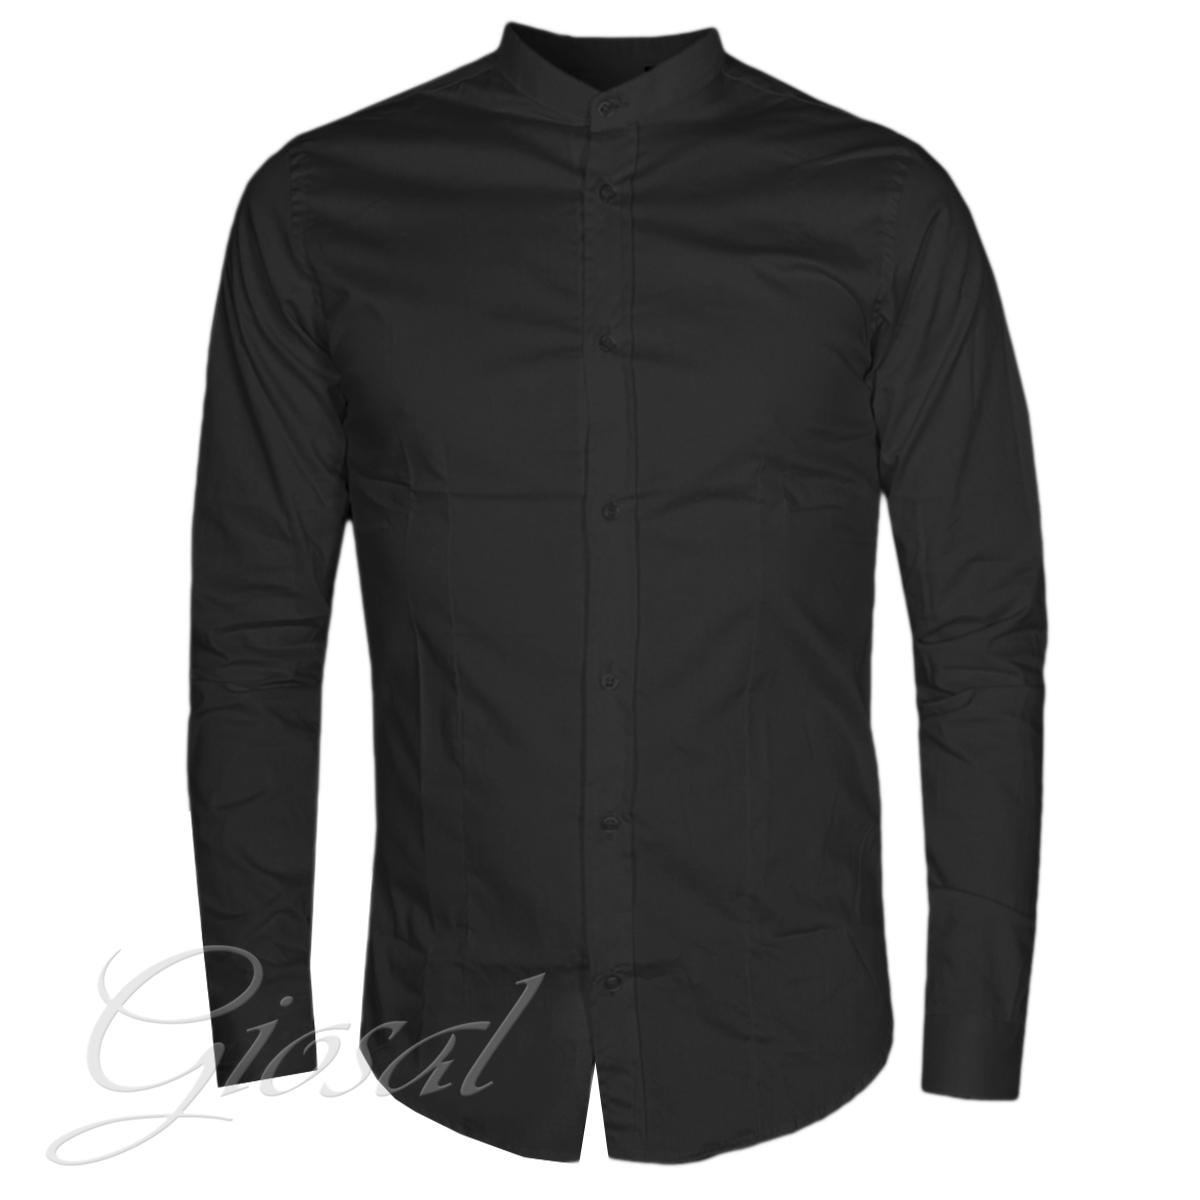 Camicia-Uomo-Akiro-Collo-Coreano-Nera-Tinta-Unita-Casual-GIOSAL